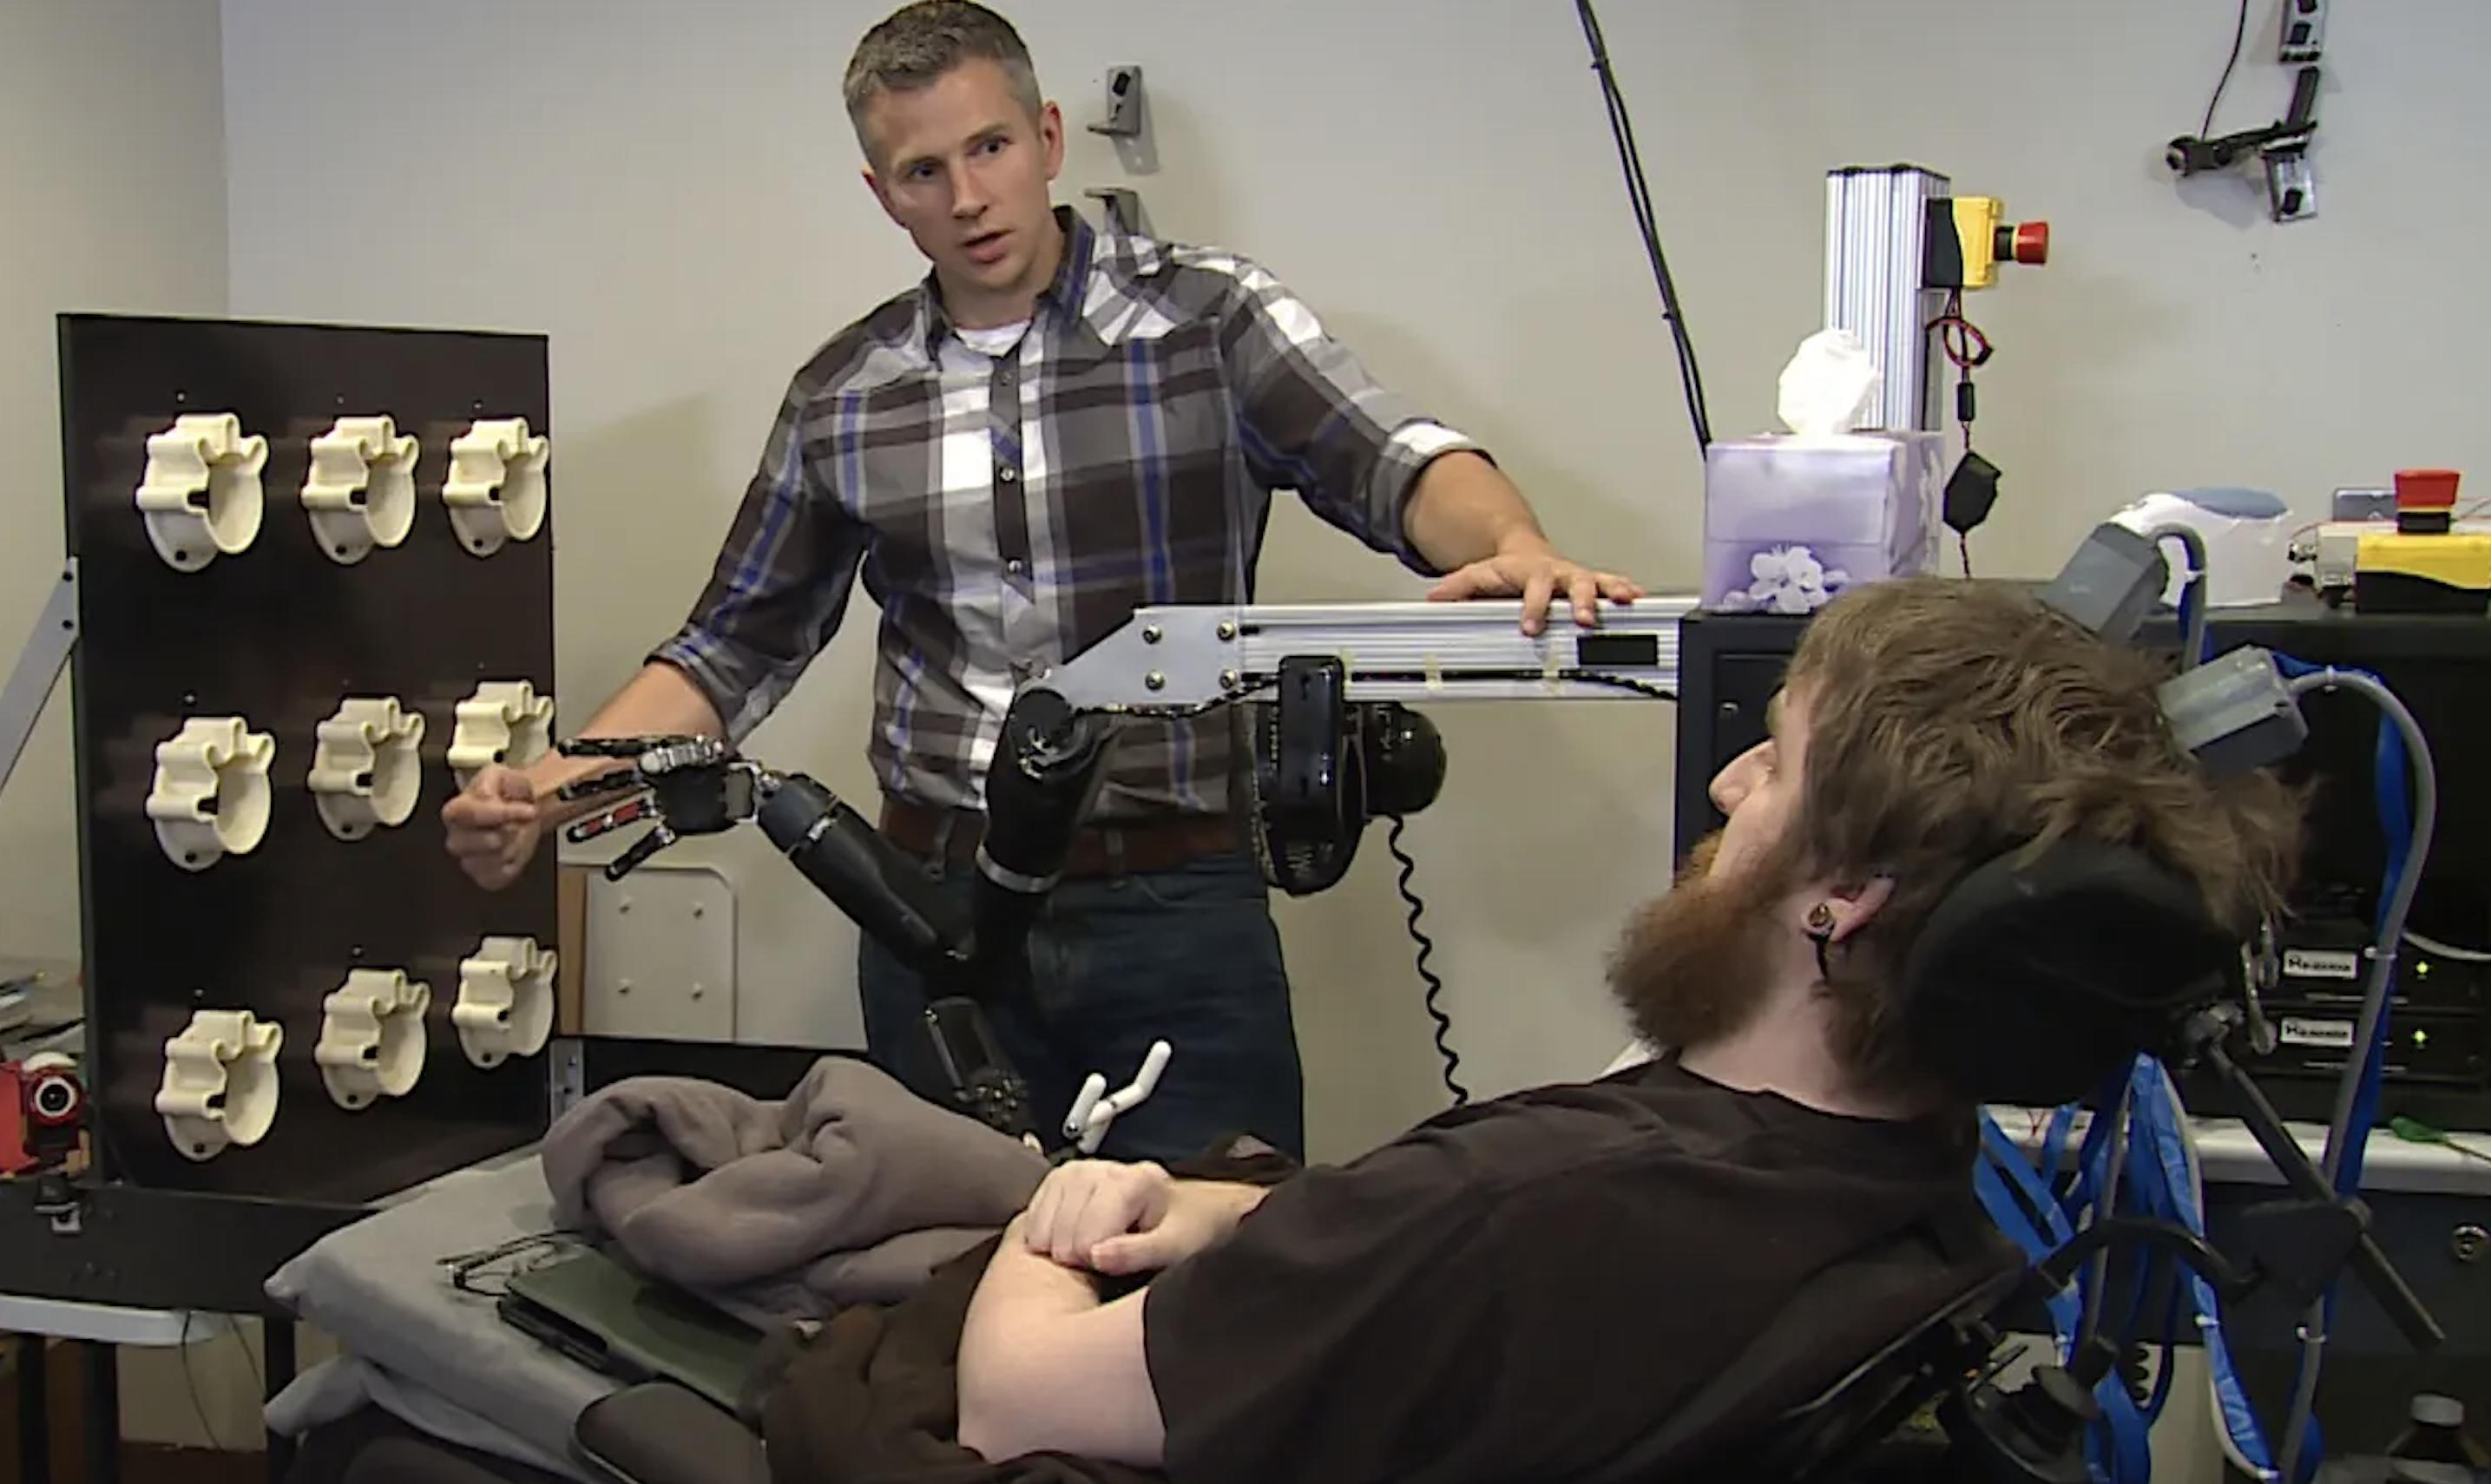 Obrazek pokazuje jak Nathan Copeland ćwiczy posługiwanie się protezą ręki.